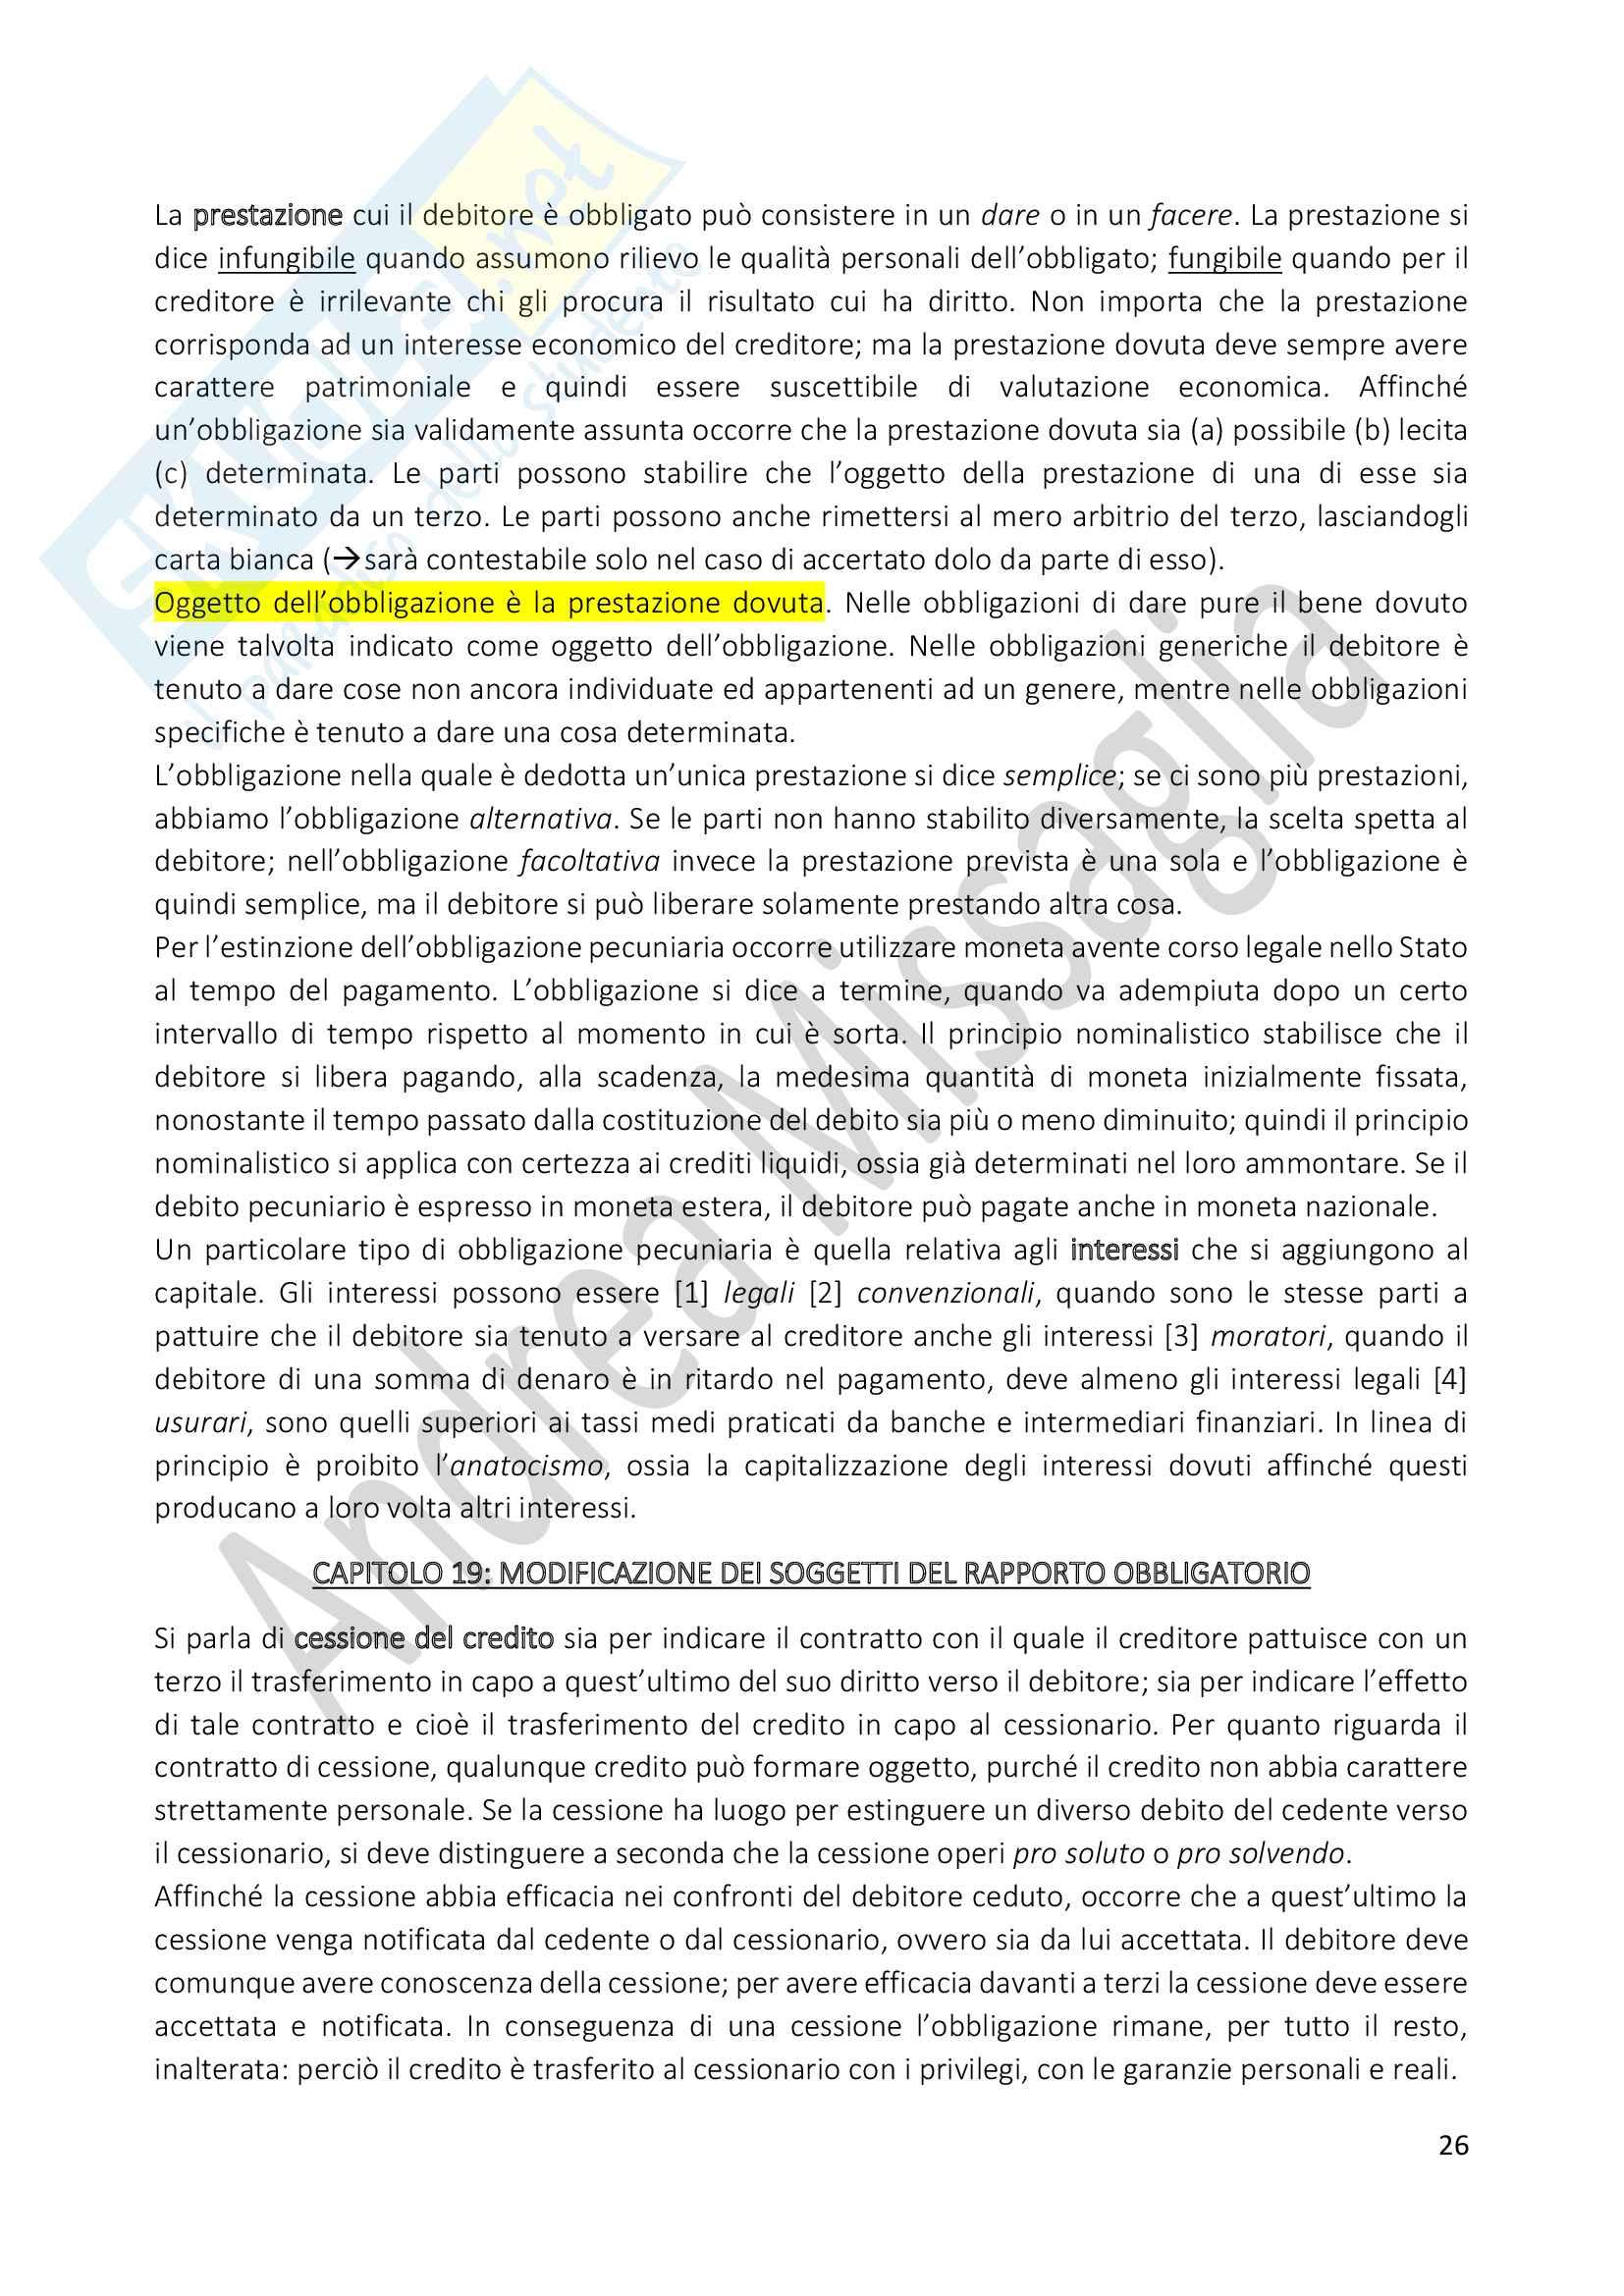 Riassunto Esame Istituzioni di Diritto Privato (Economia), prof. Schiavone Pag. 26